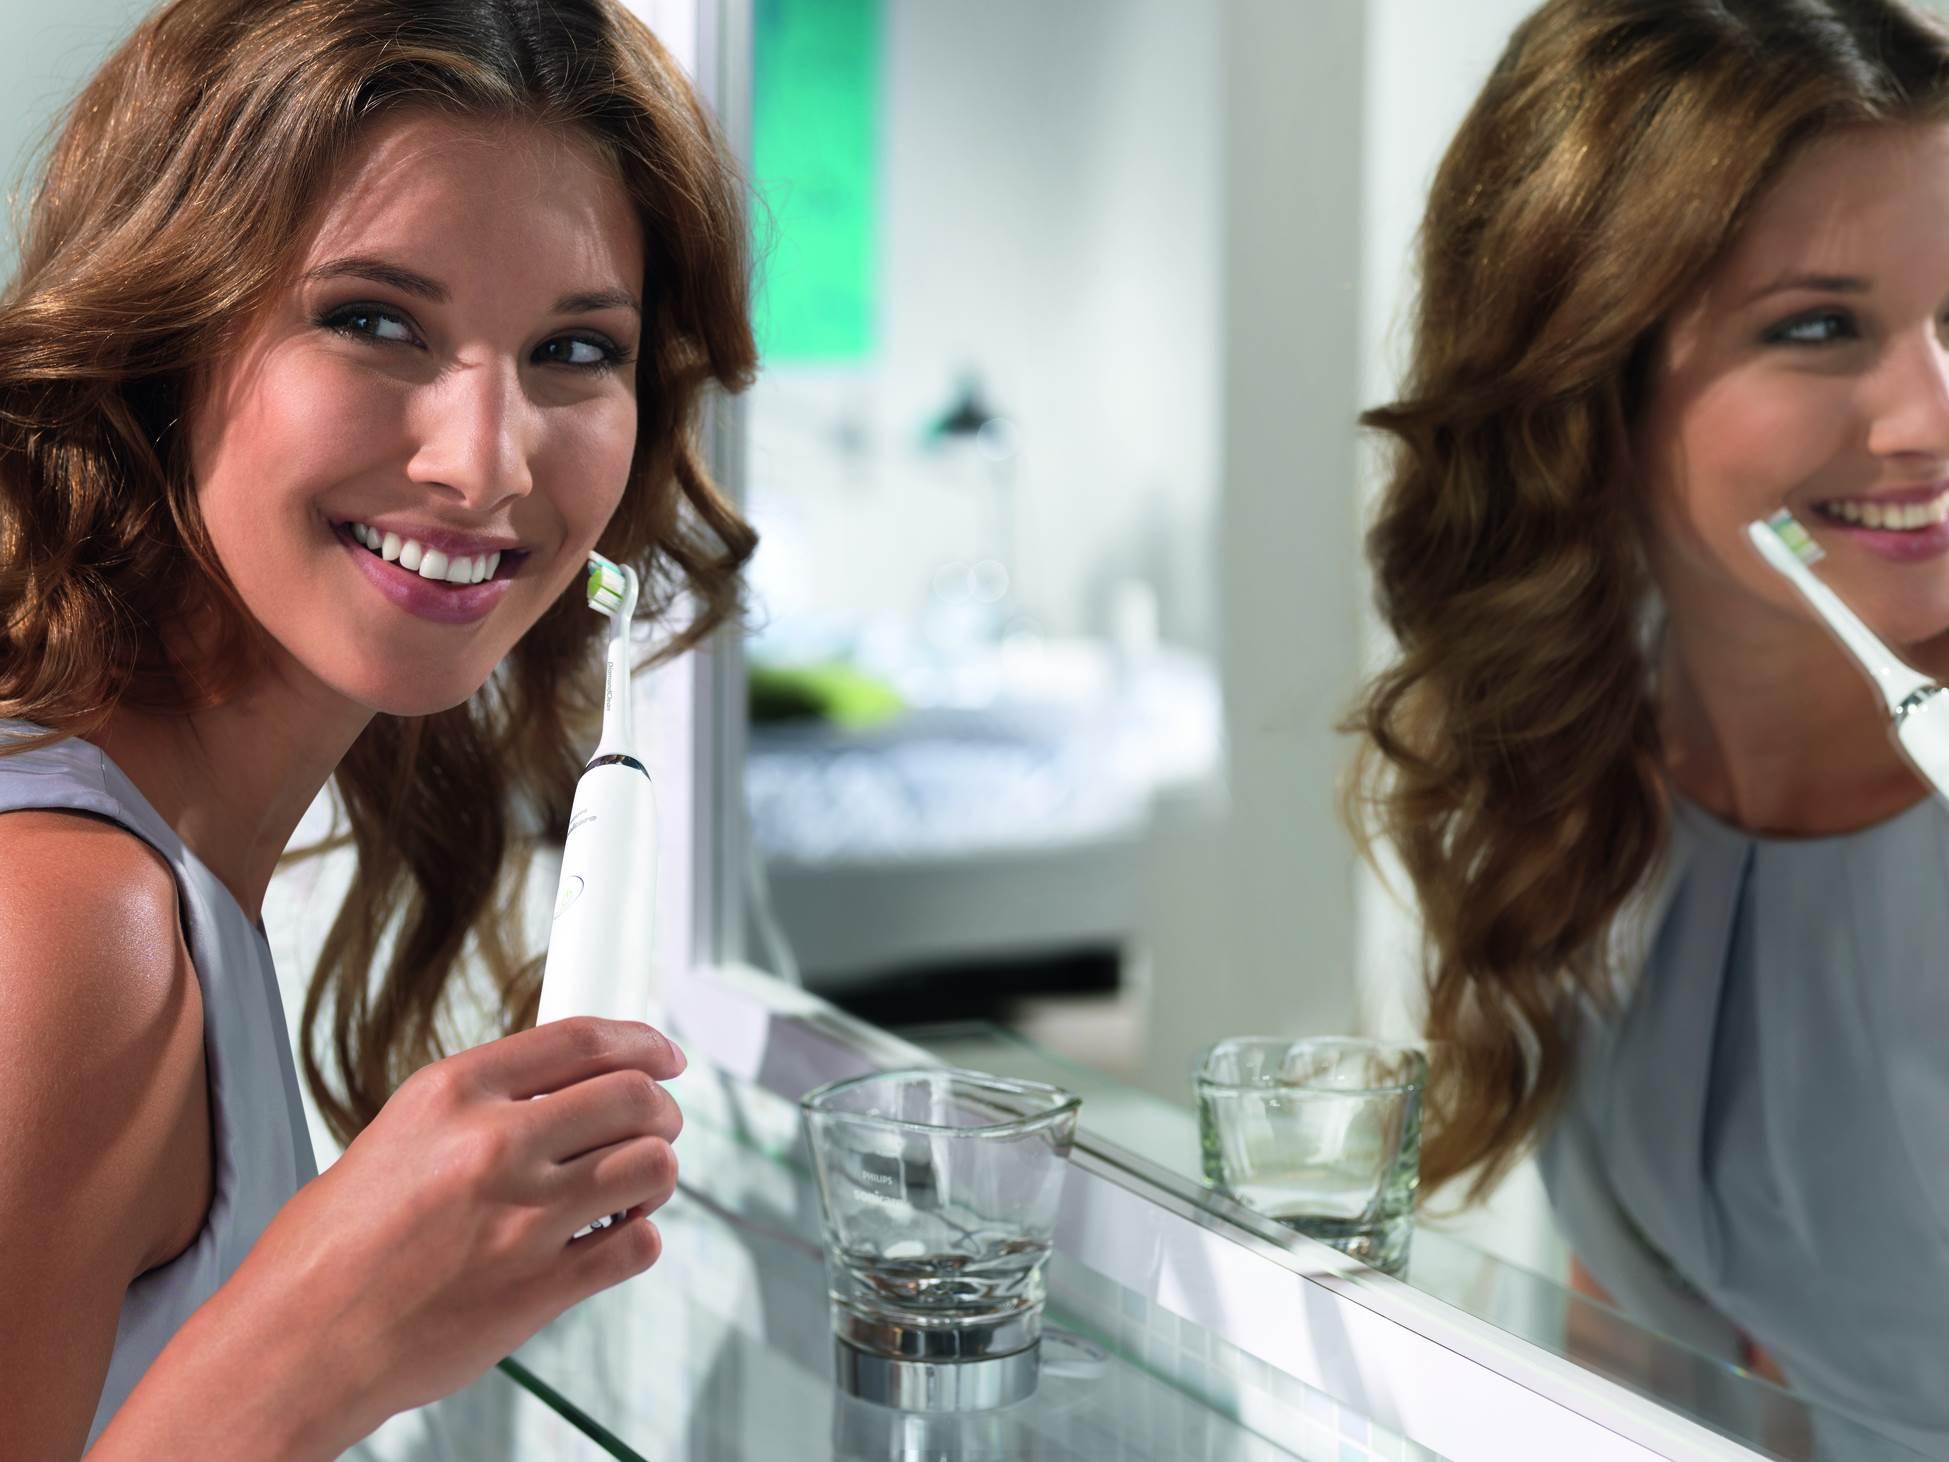 Зубная щетка может стать волшебной палочкой-выручалочкой